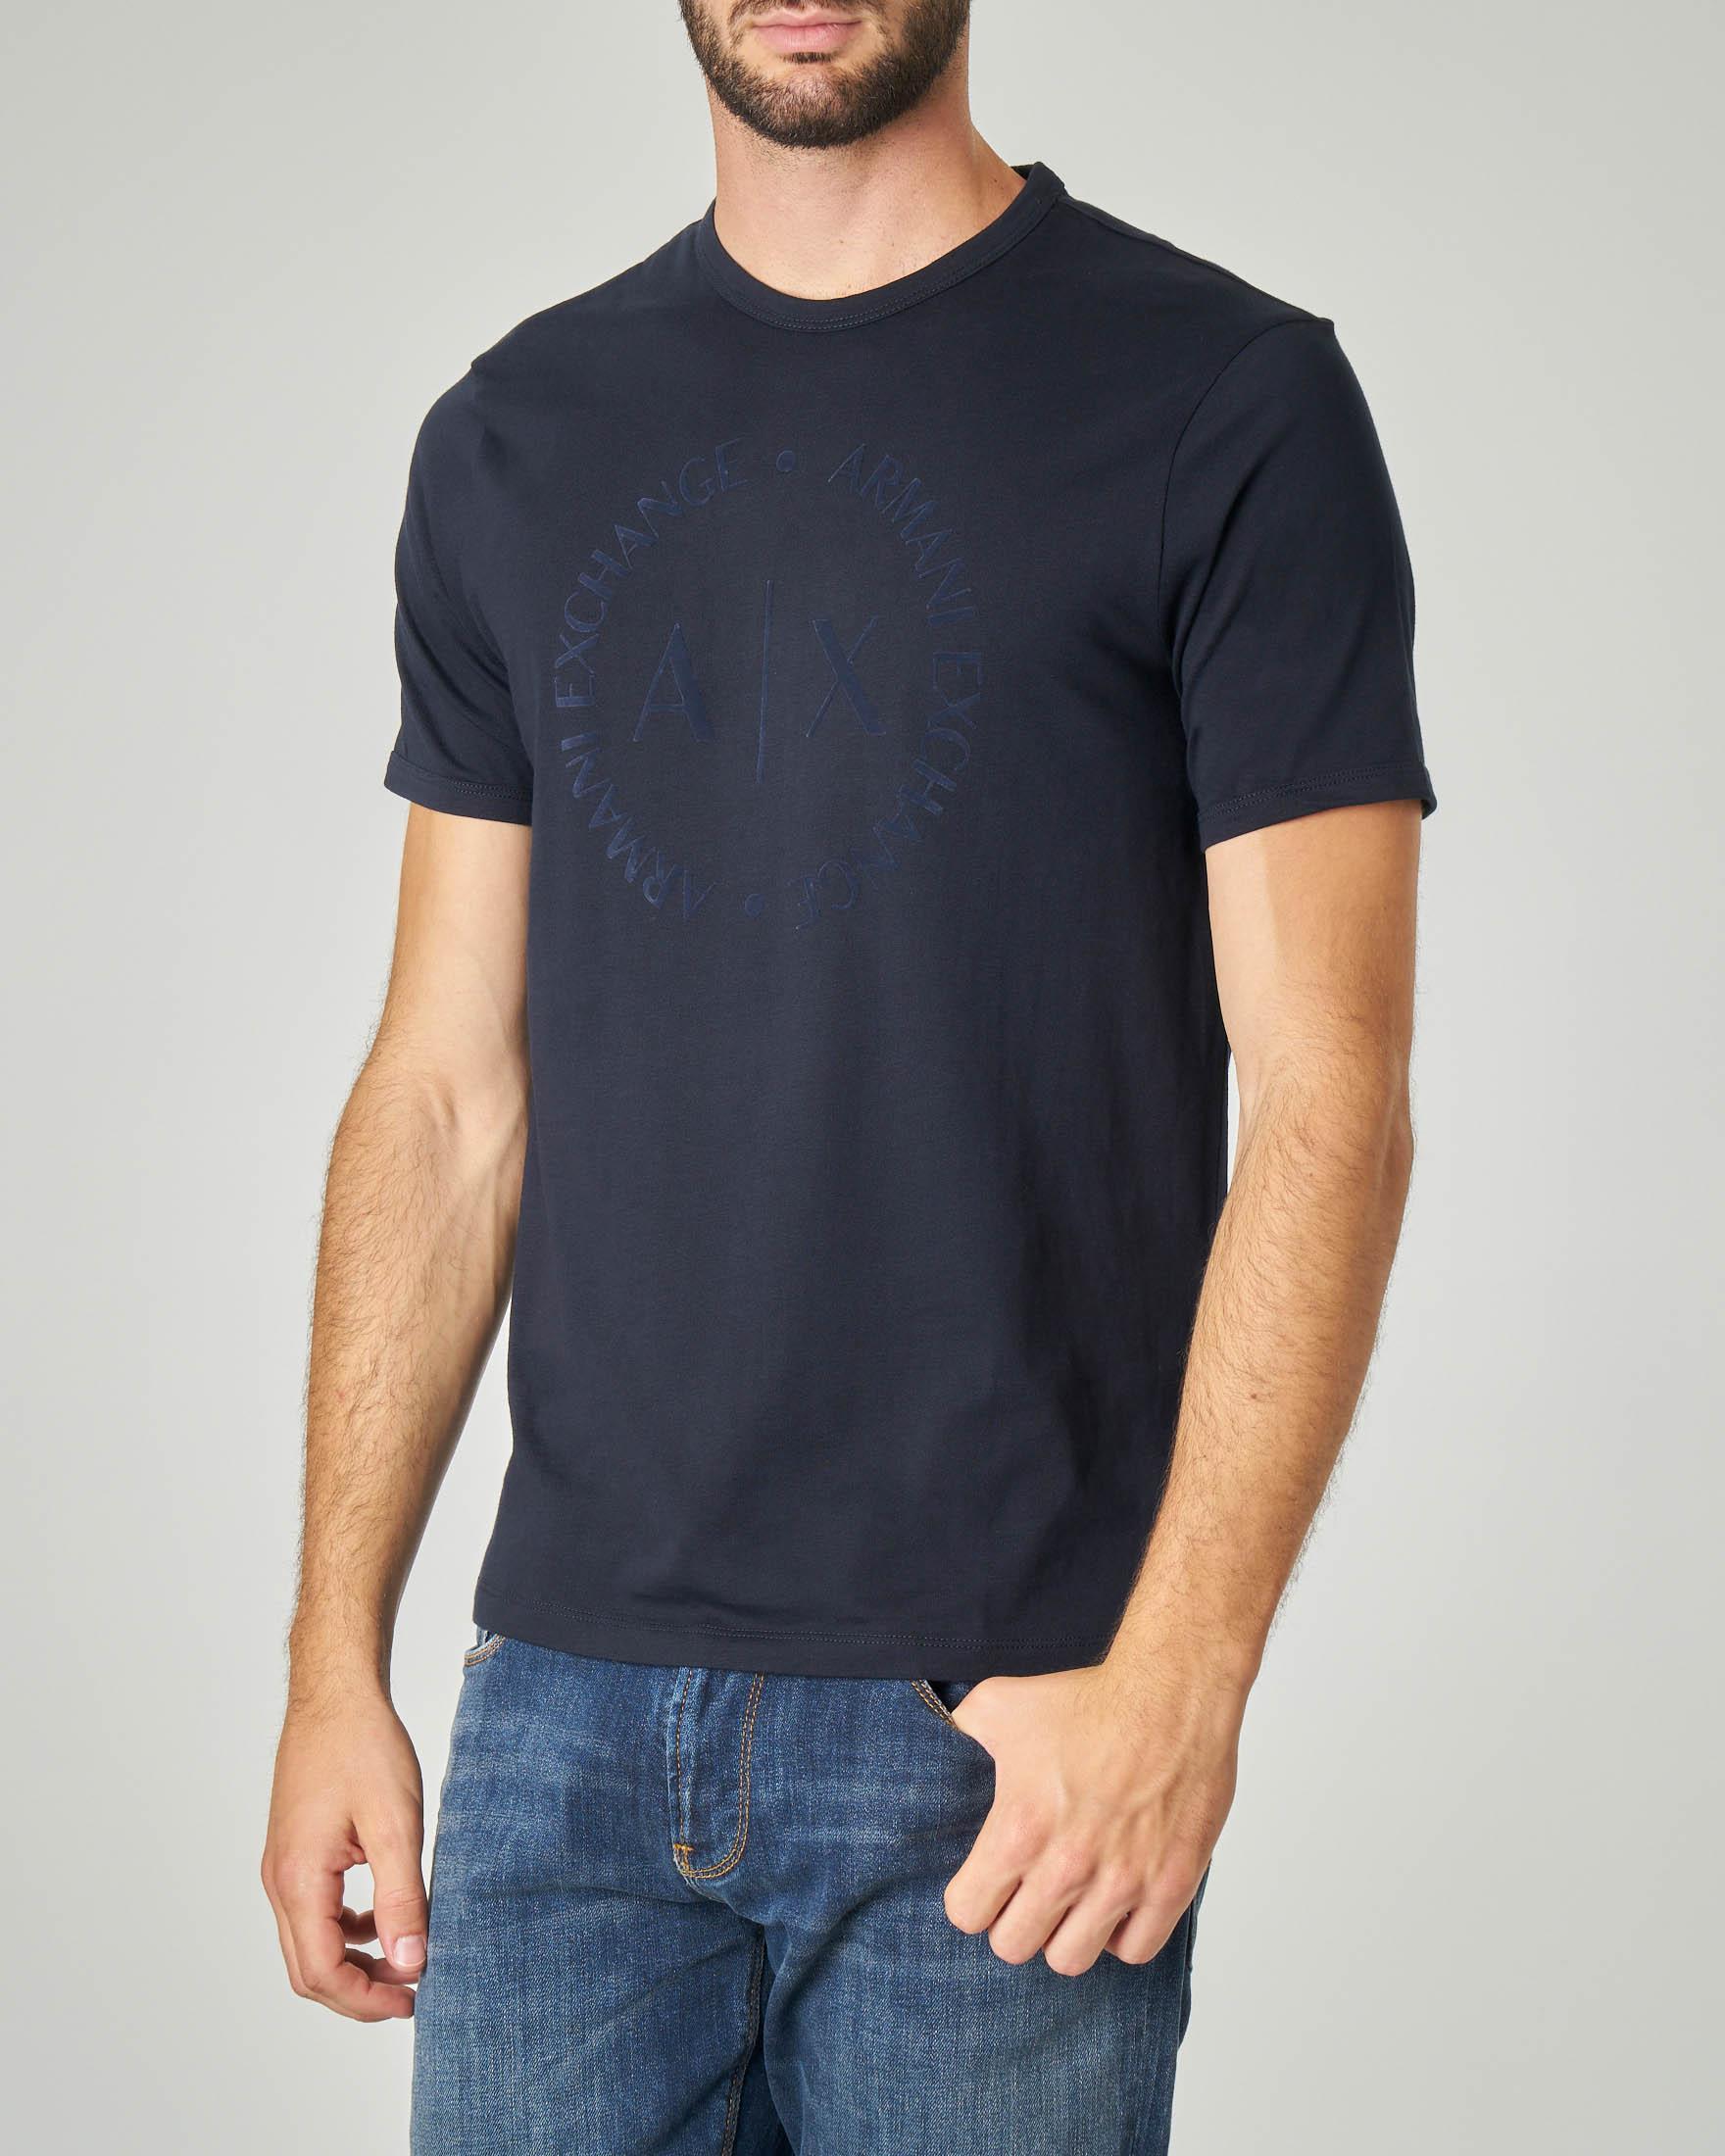 T-shirt blu con logo in rilievo sul petto